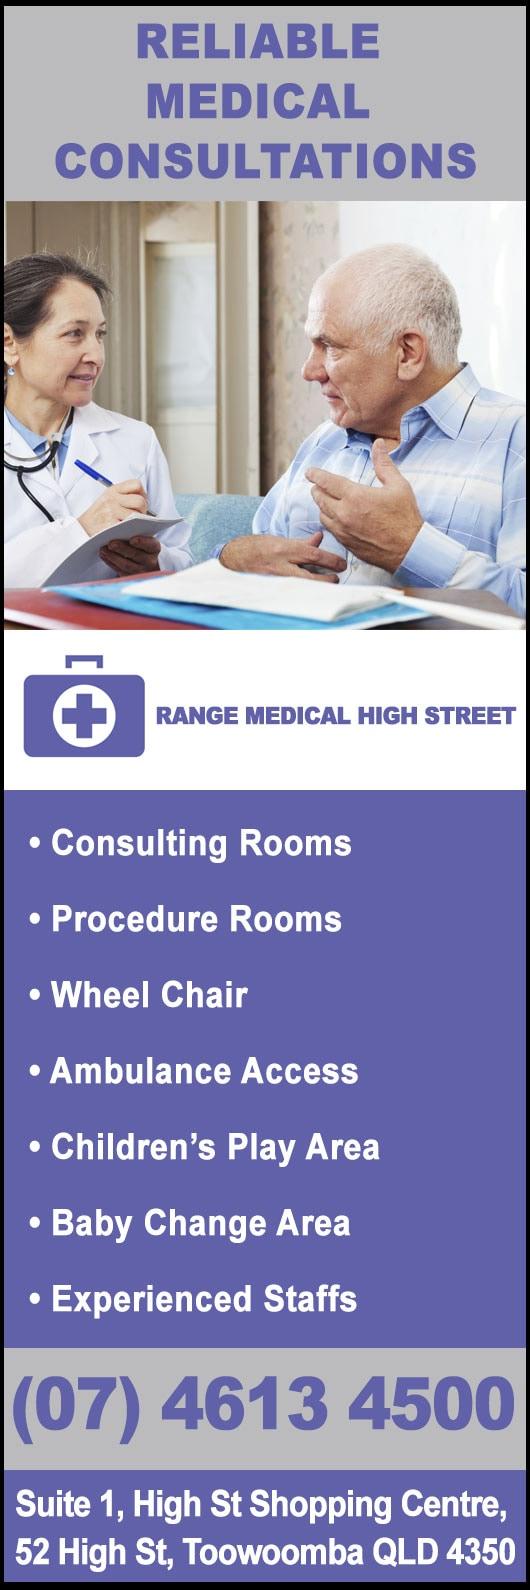 The Range Medical Centre - Medical Centres - Range Medical